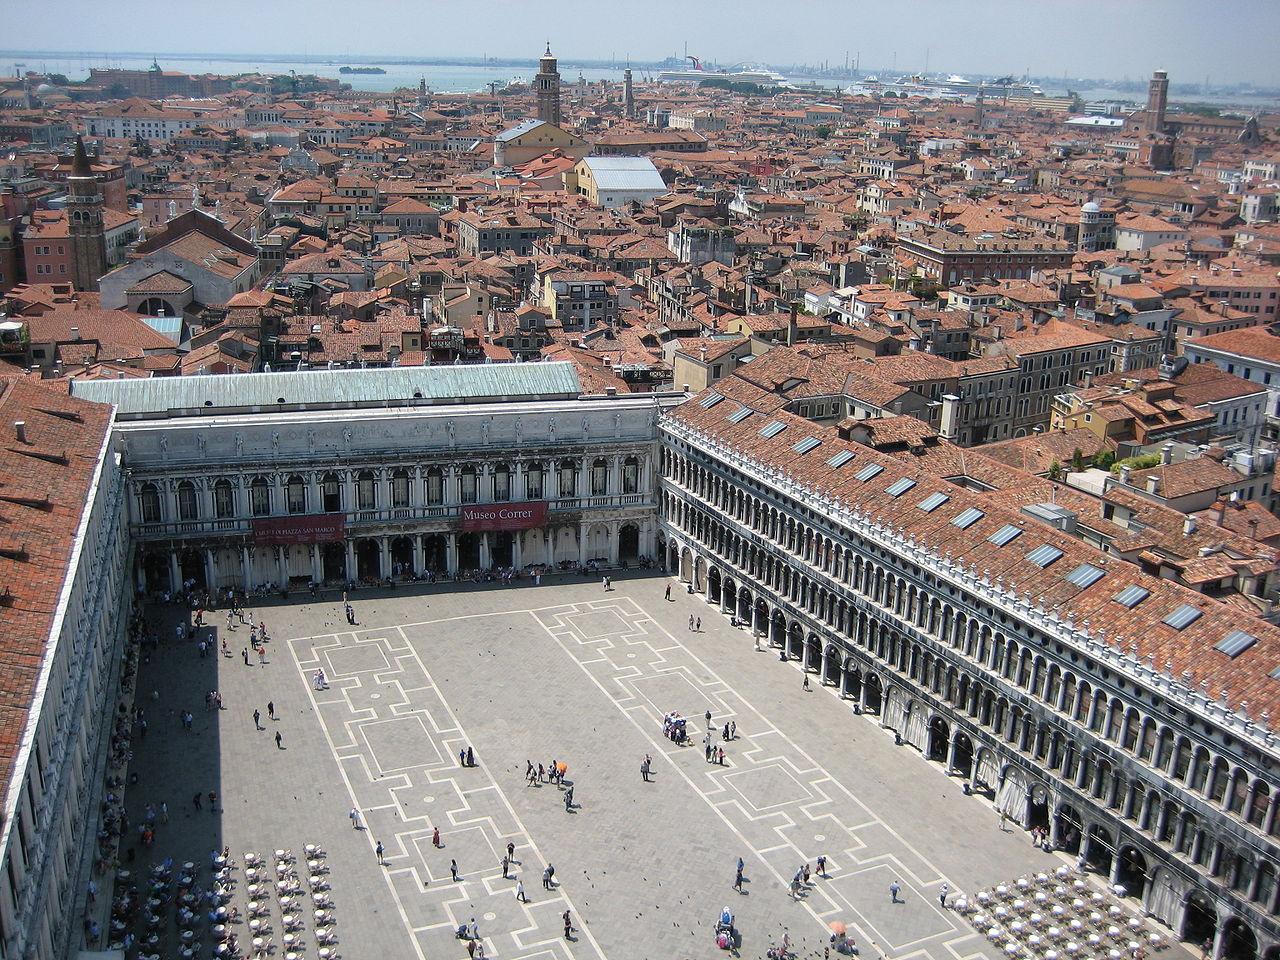 Площадь Сан-Марко, главная площадь Венеции